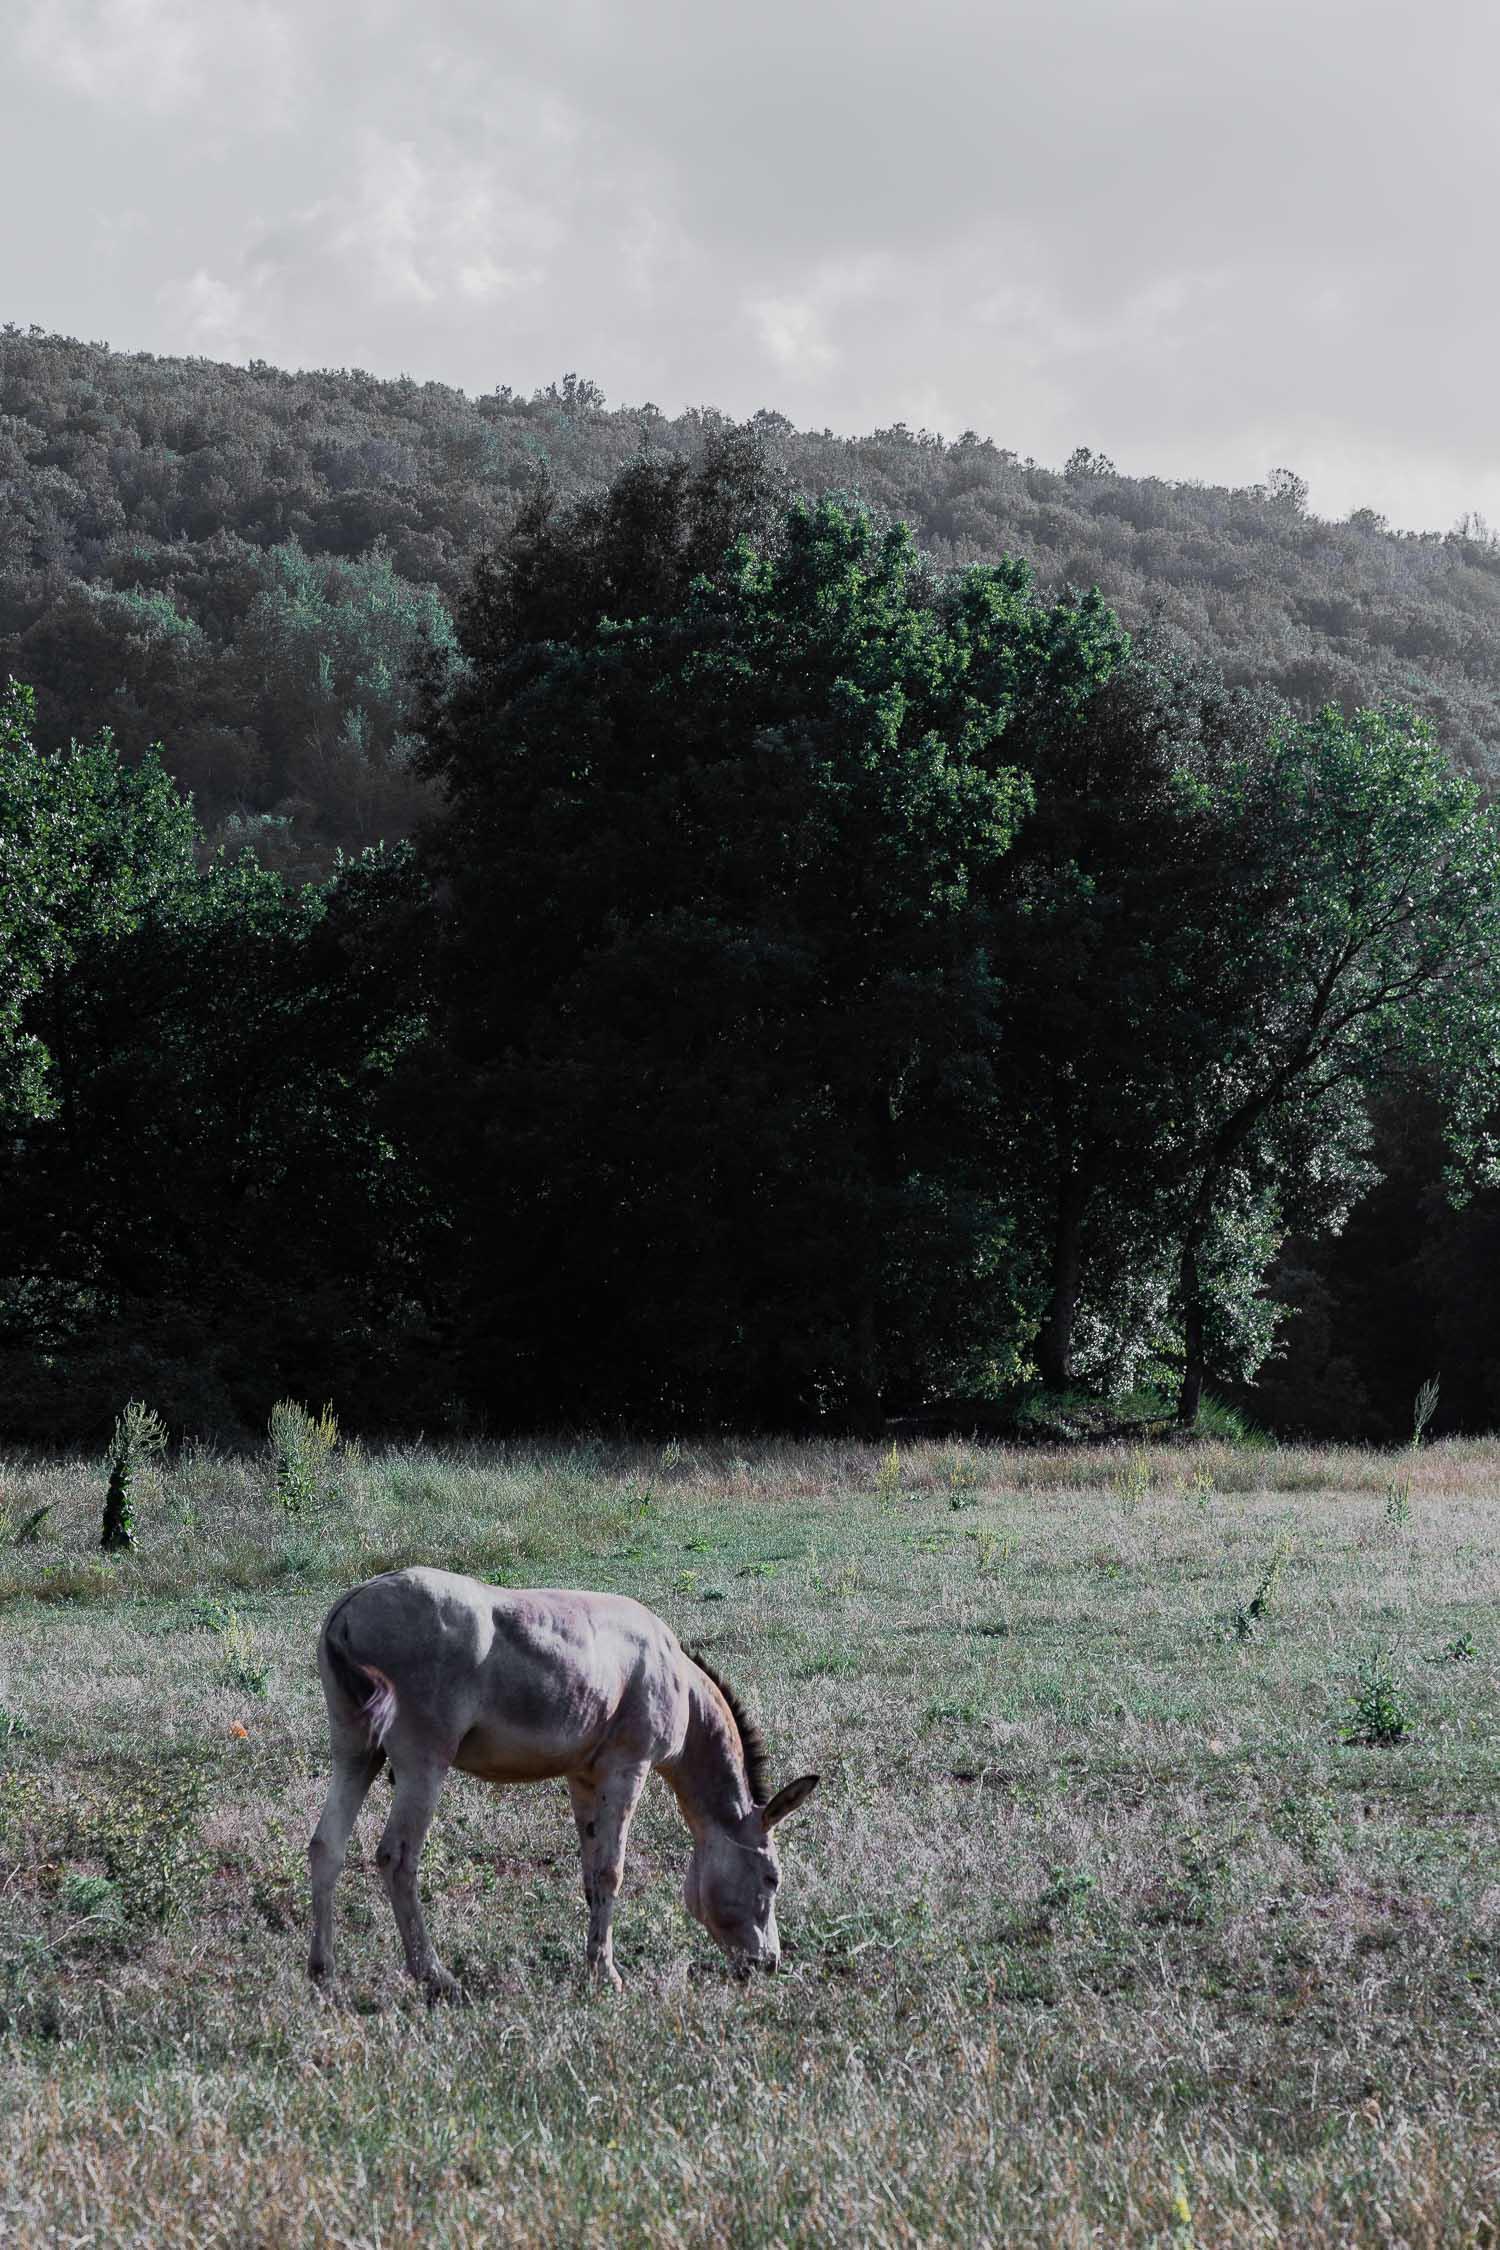 Tuscany-donkey-grazing-4165.jpg